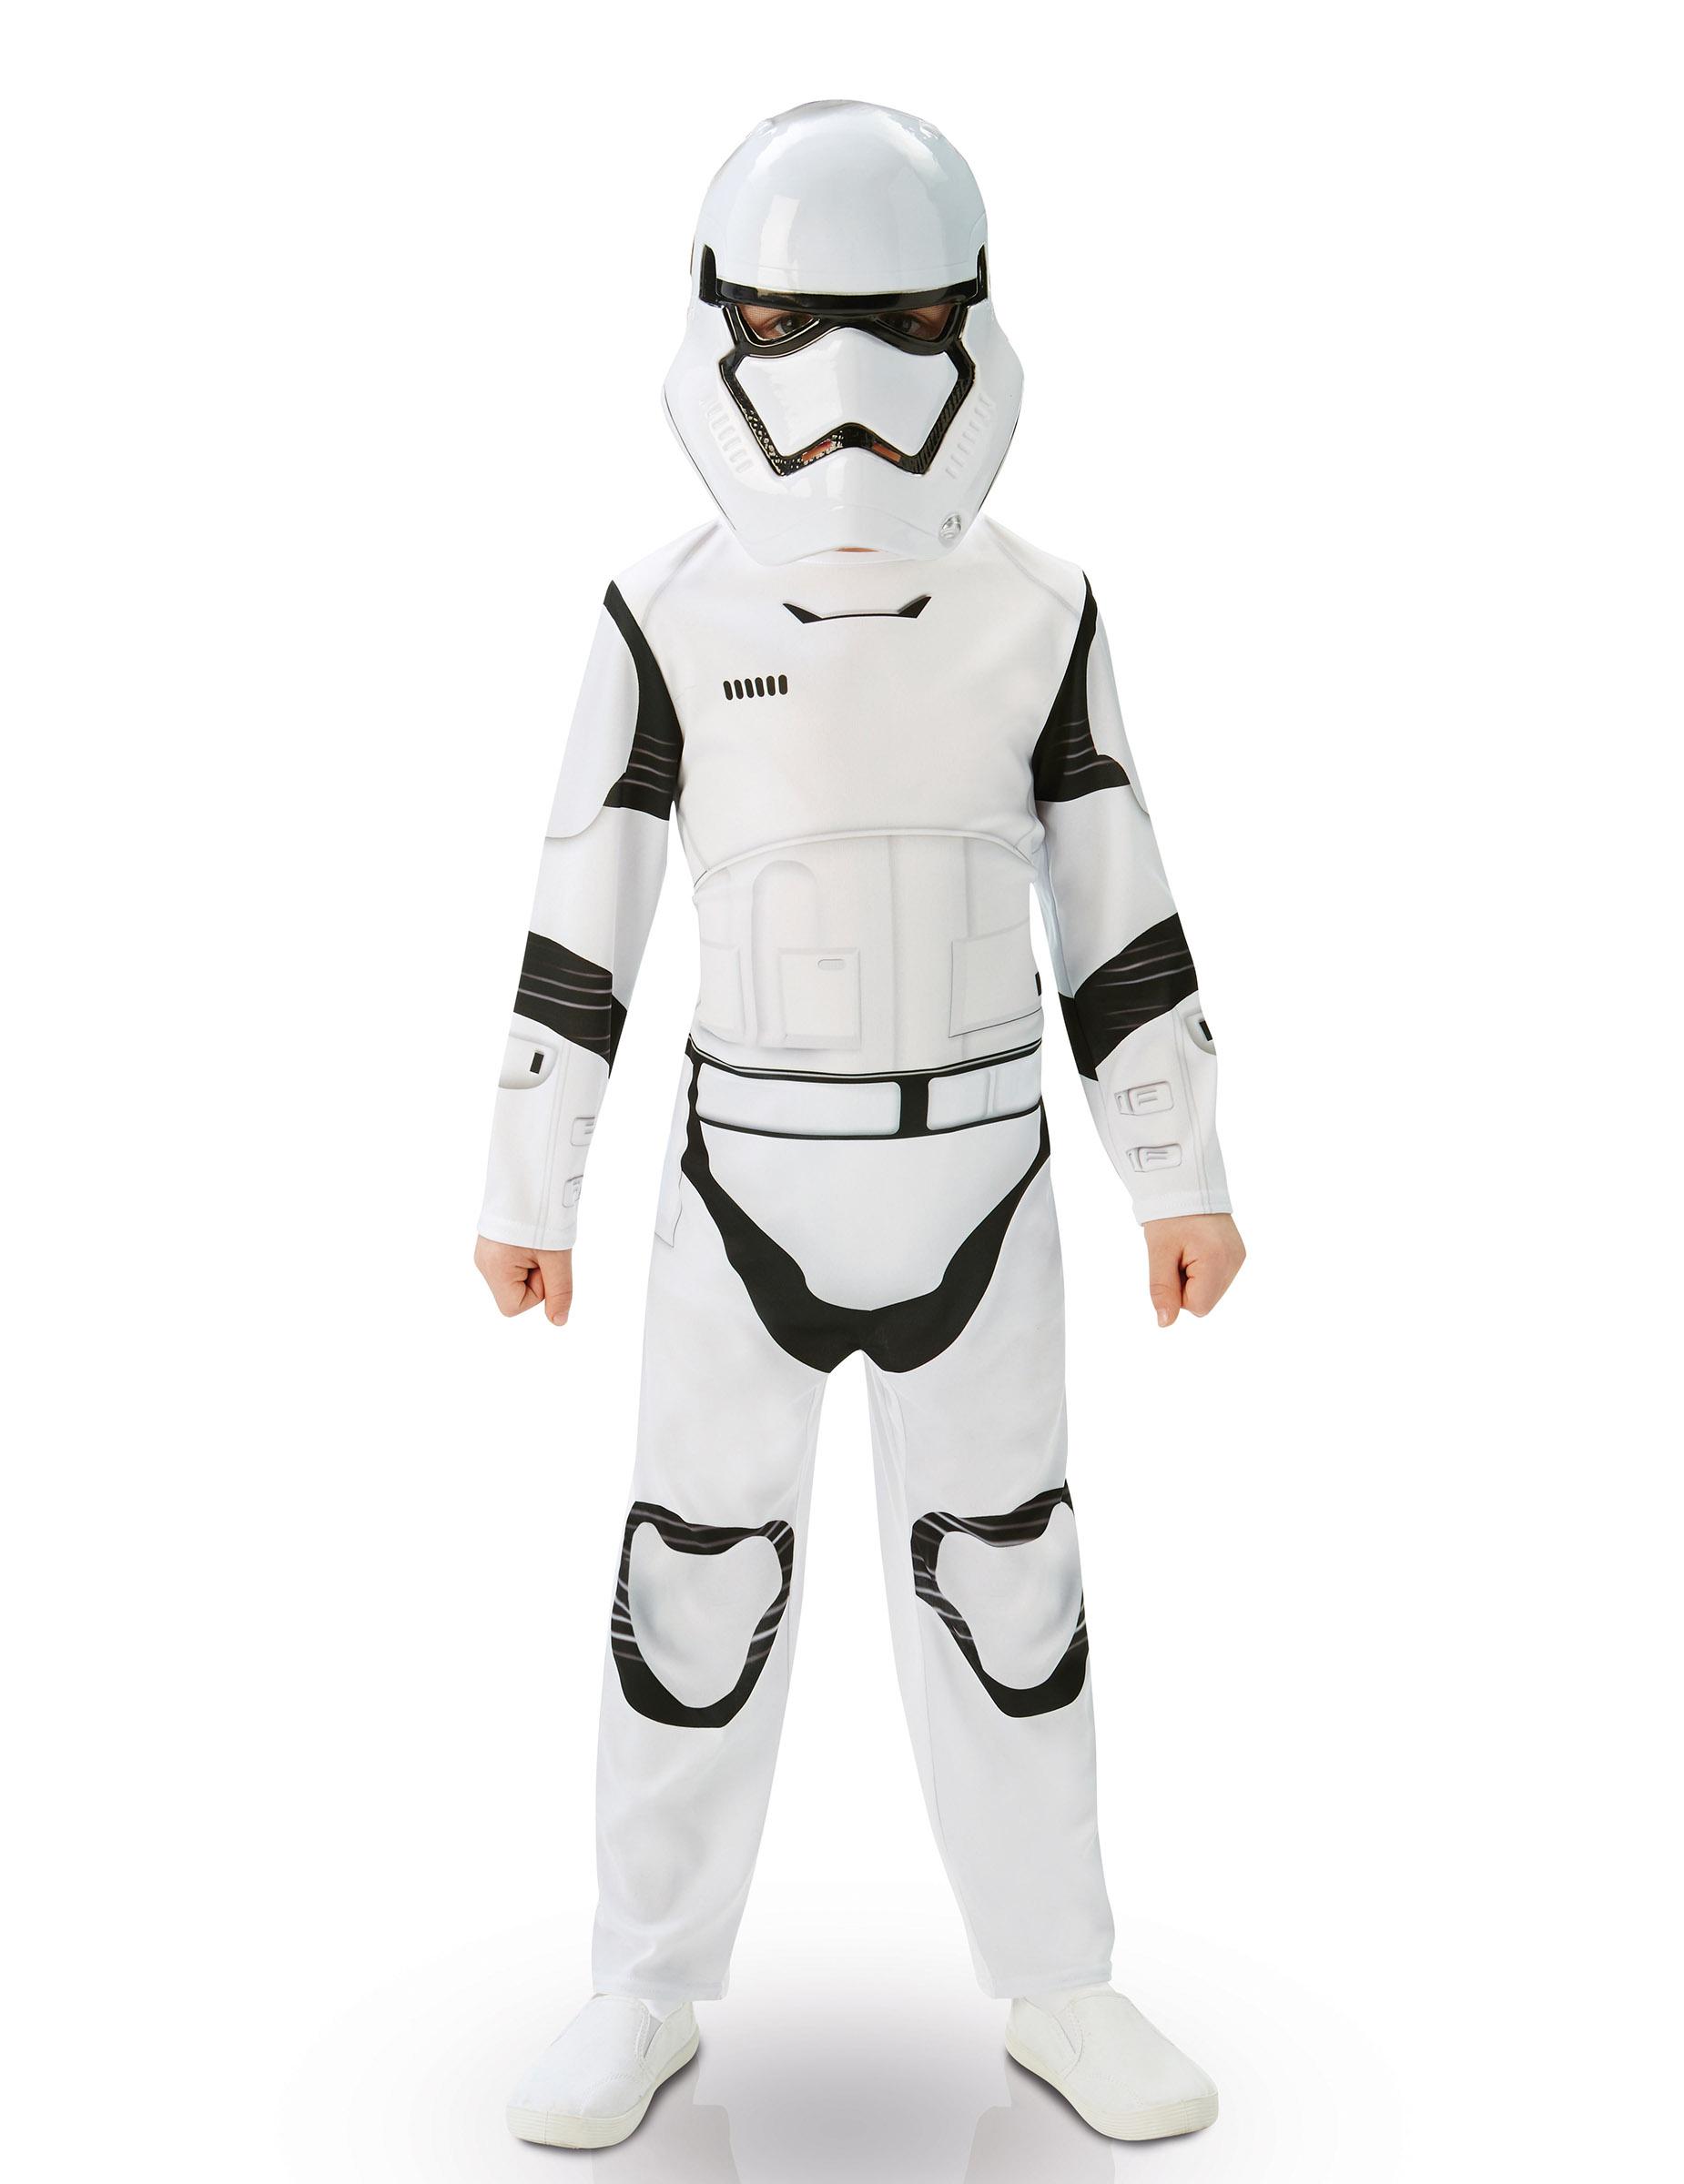 d guisement classique stormtrooper star wars vii deguise toi achat de d guisements enfants. Black Bedroom Furniture Sets. Home Design Ideas